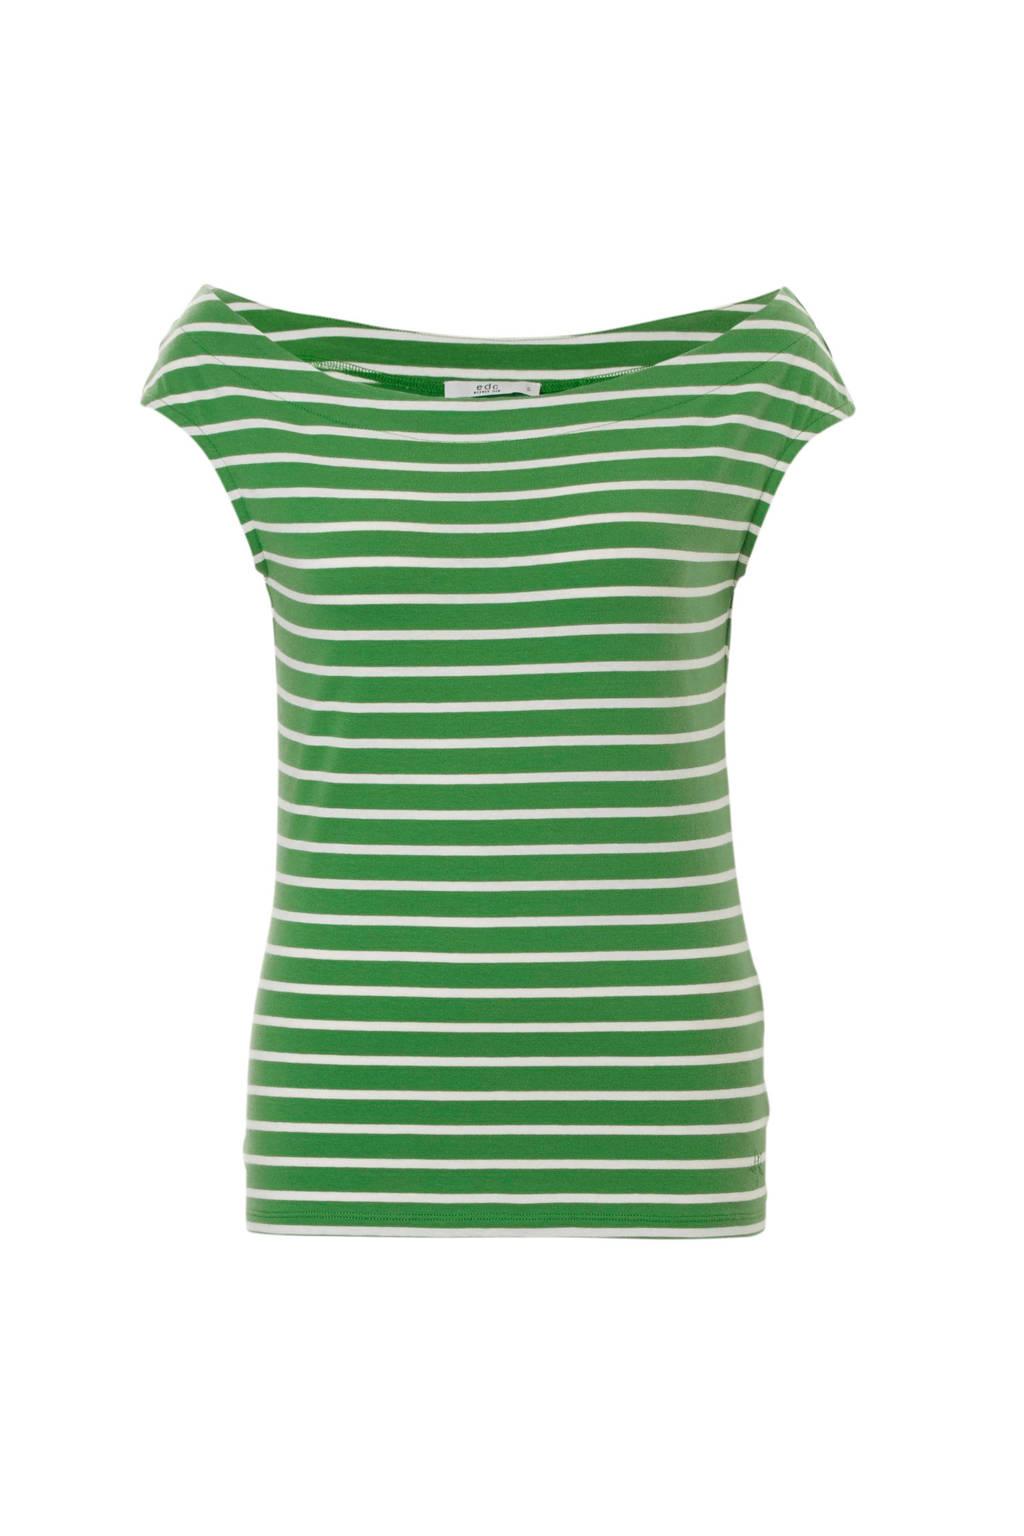 Shoulder Groen Top Off Espritedc Women Gestreepte wxqz7AnU81